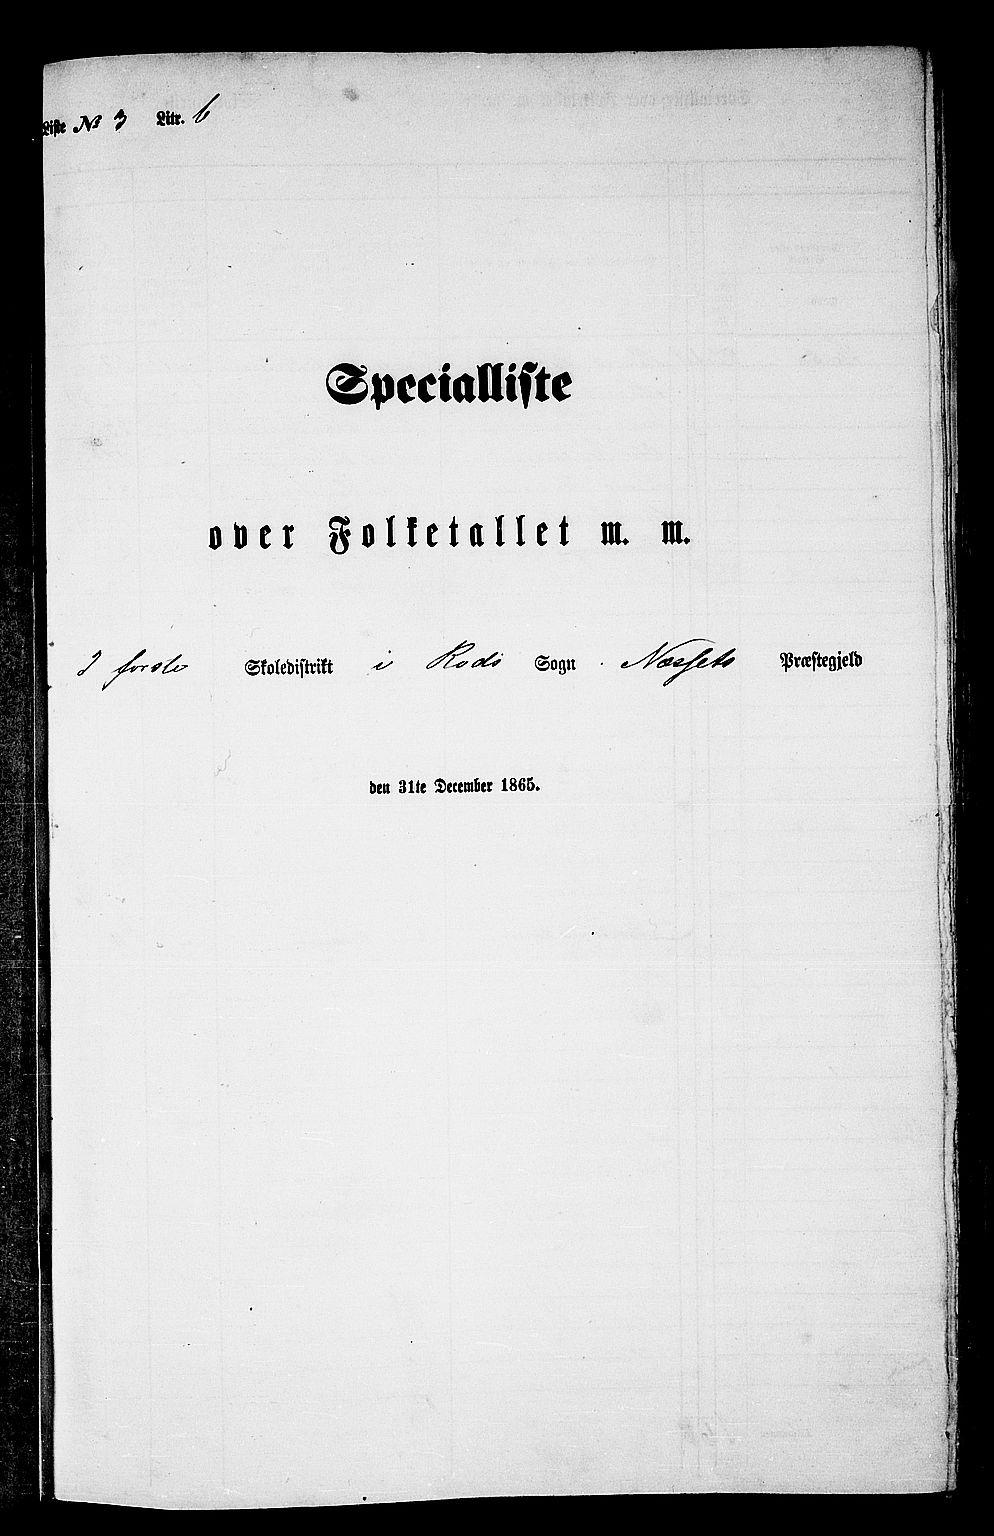 RA, Folketelling 1865 for 1543P Nesset prestegjeld, 1865, s. 65